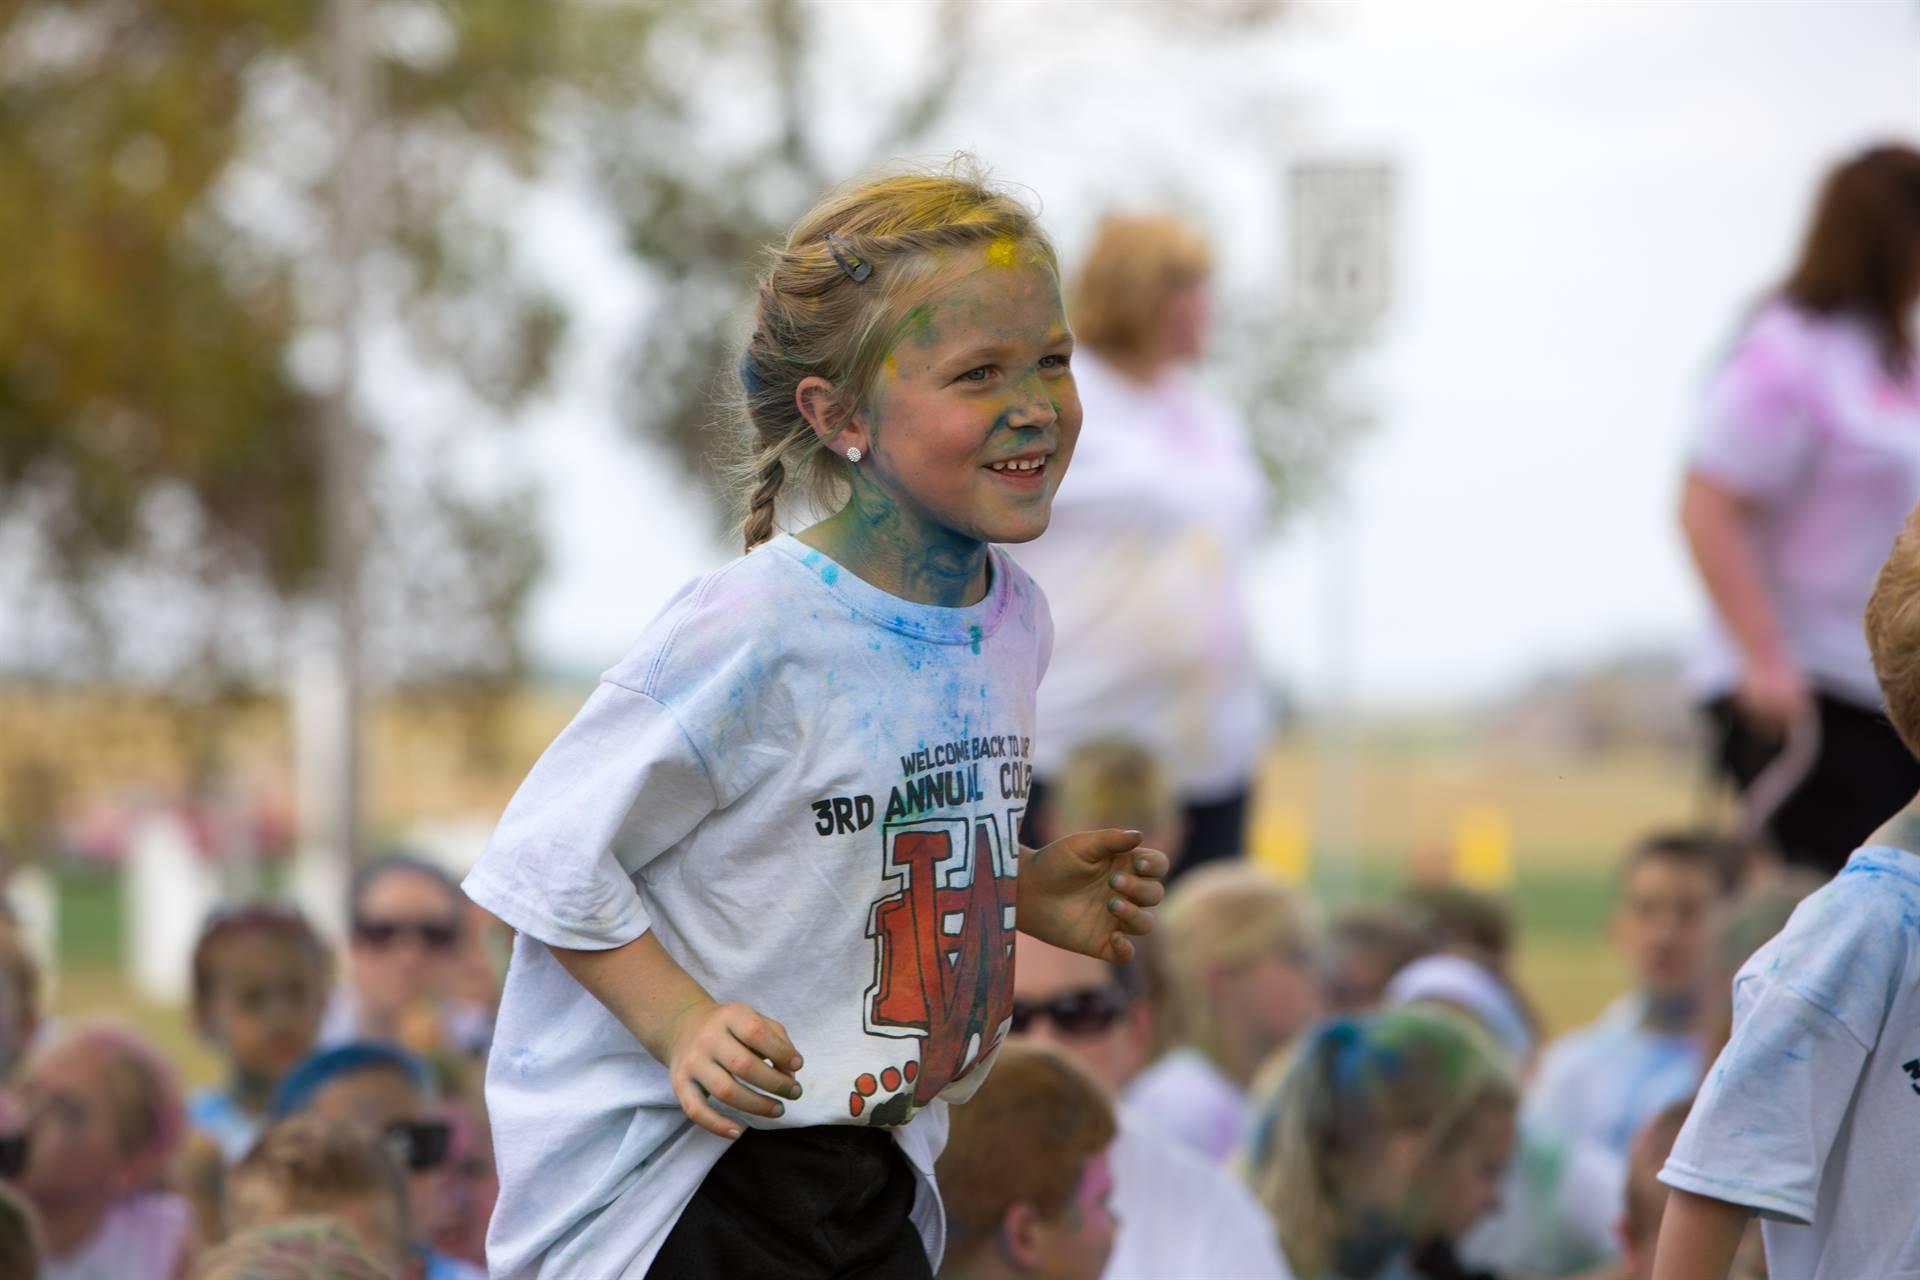 Girl 6 at color run